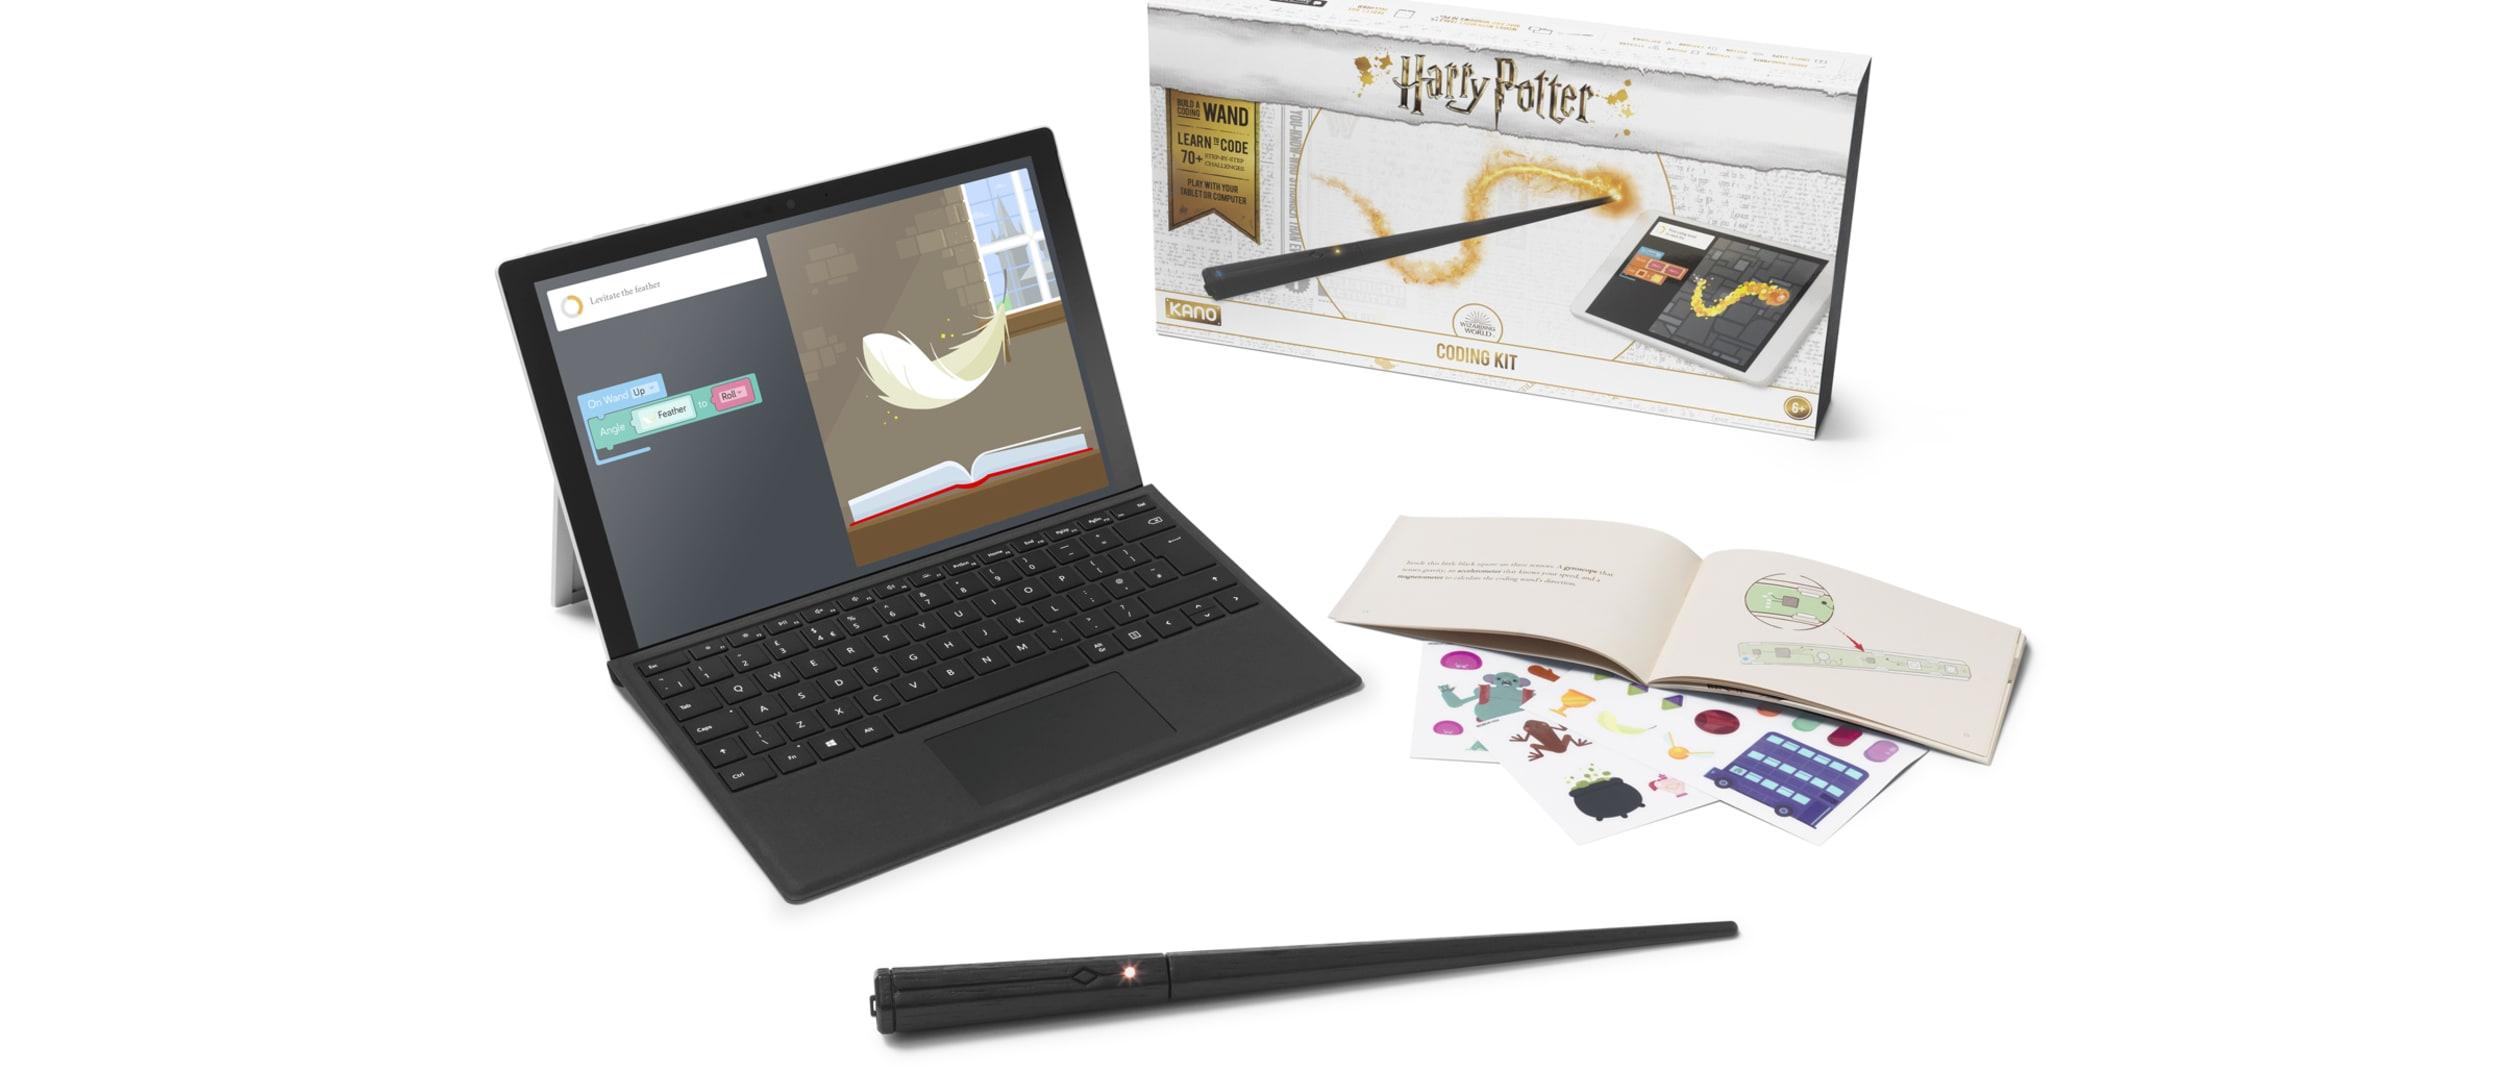 Microsoft: save $50 on Kano Wand and Pixel Kit bundle